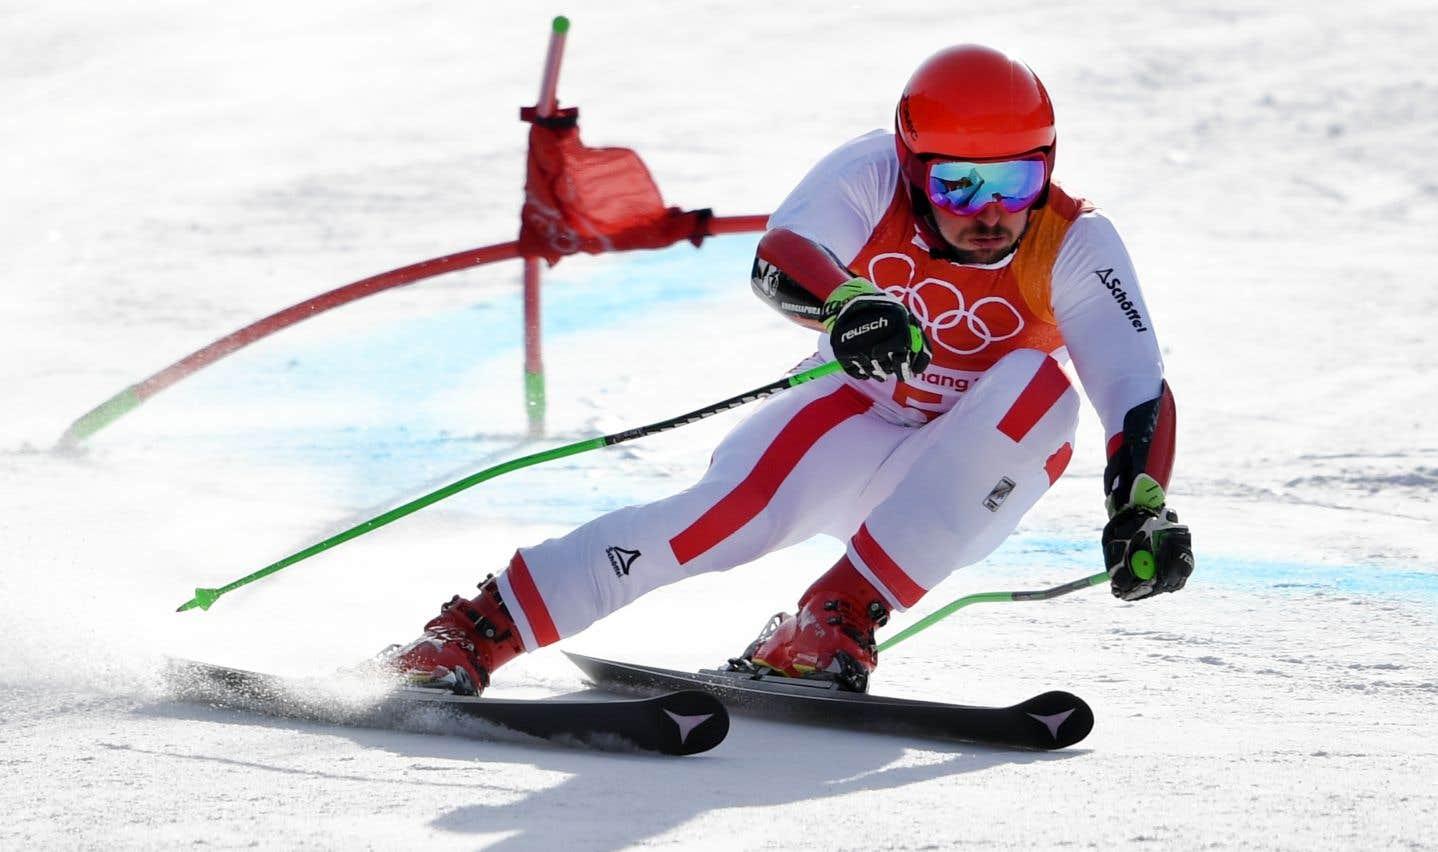 Après la médaille d'or au combiné, l'Autrichien Marcel Hirscher a ajouté le titre olympique du slalom géant à son palmarès.